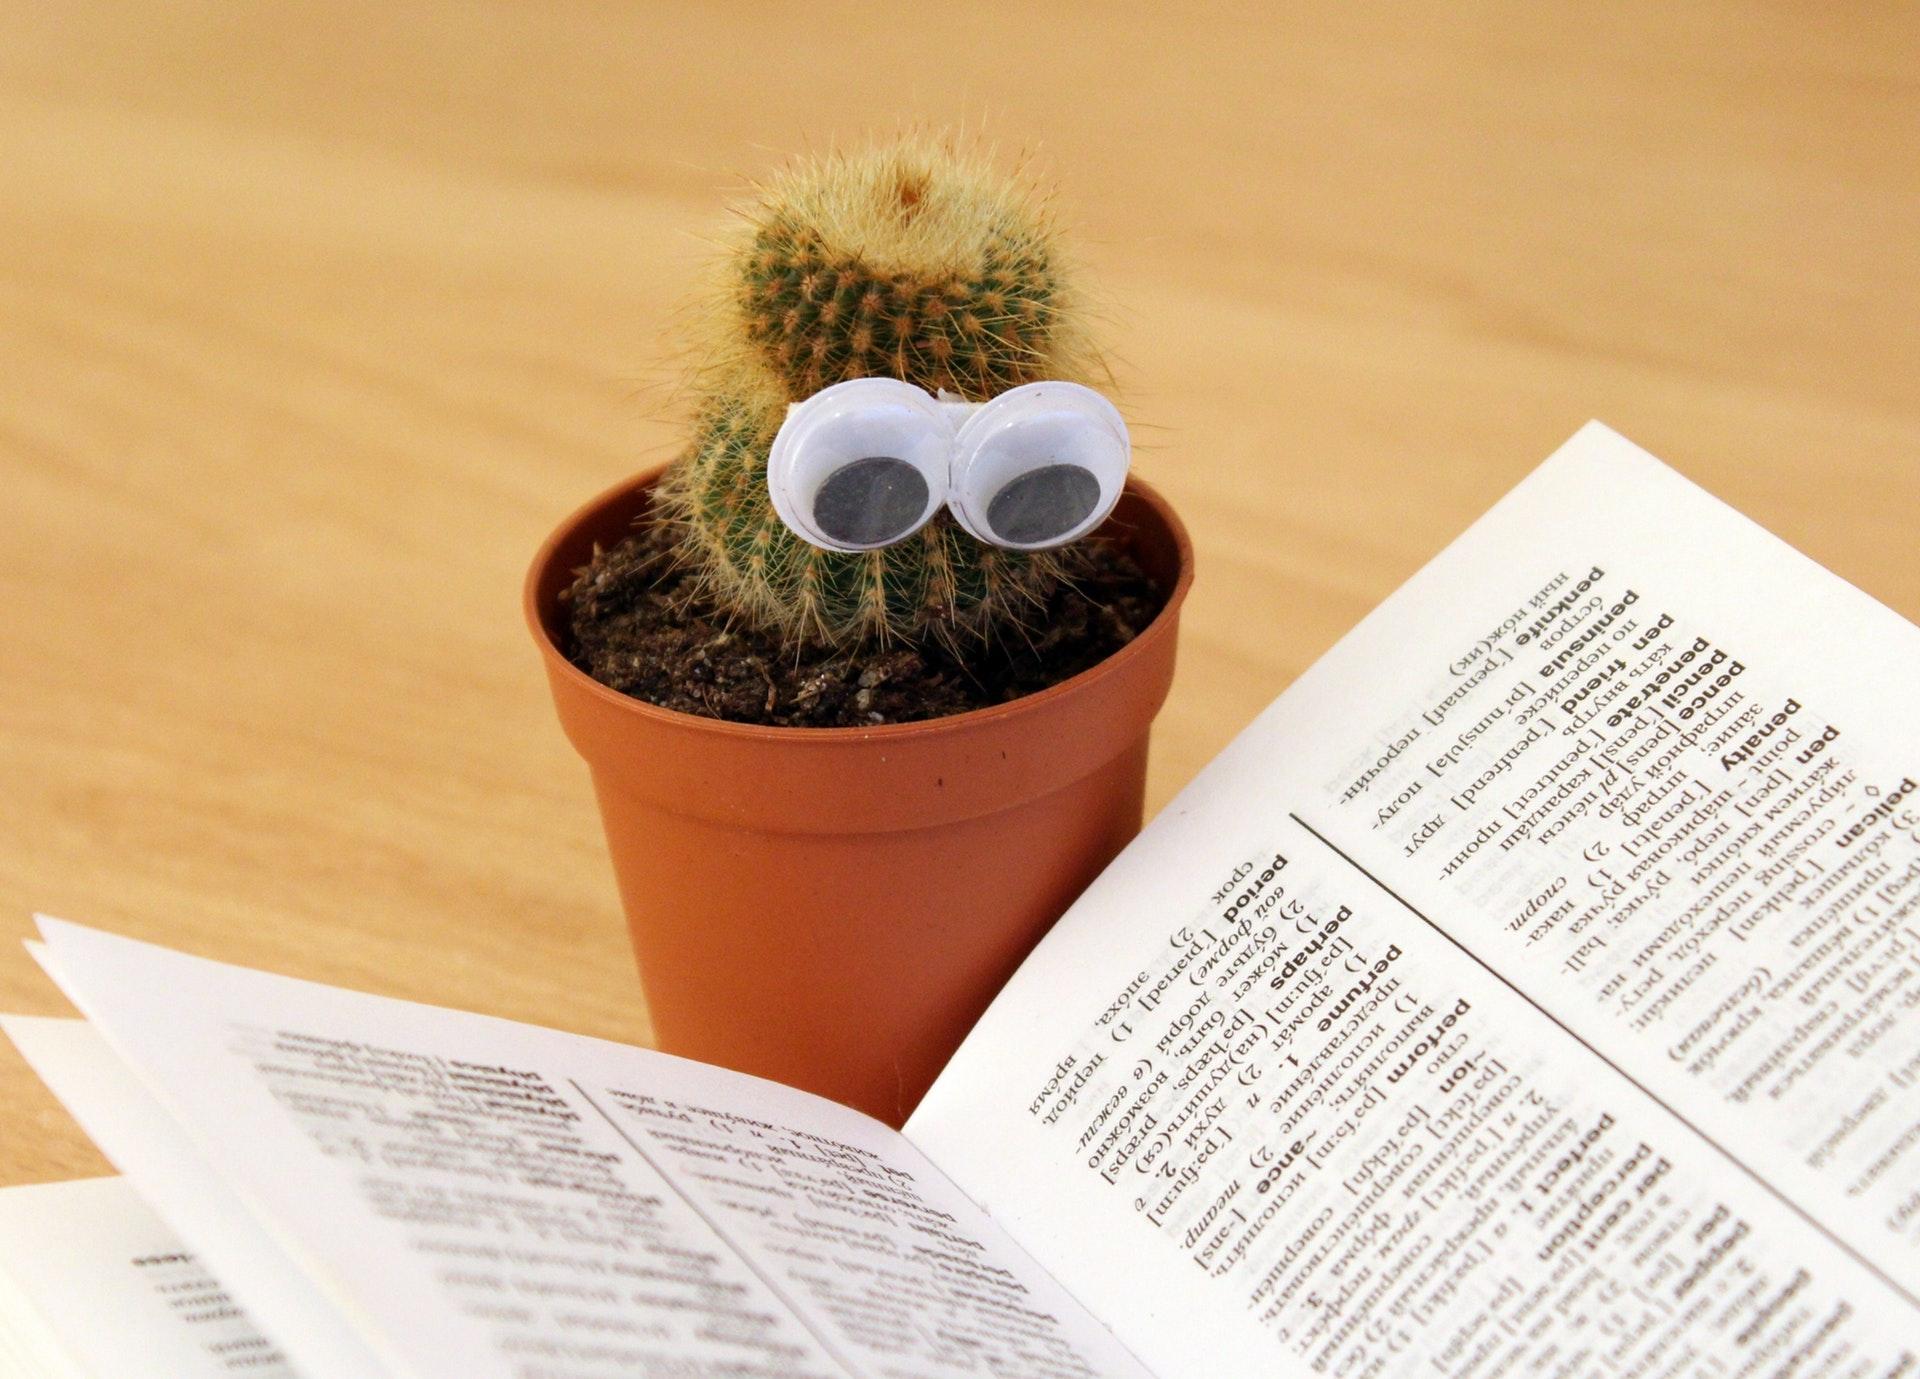 cactus lit un dictionnaire